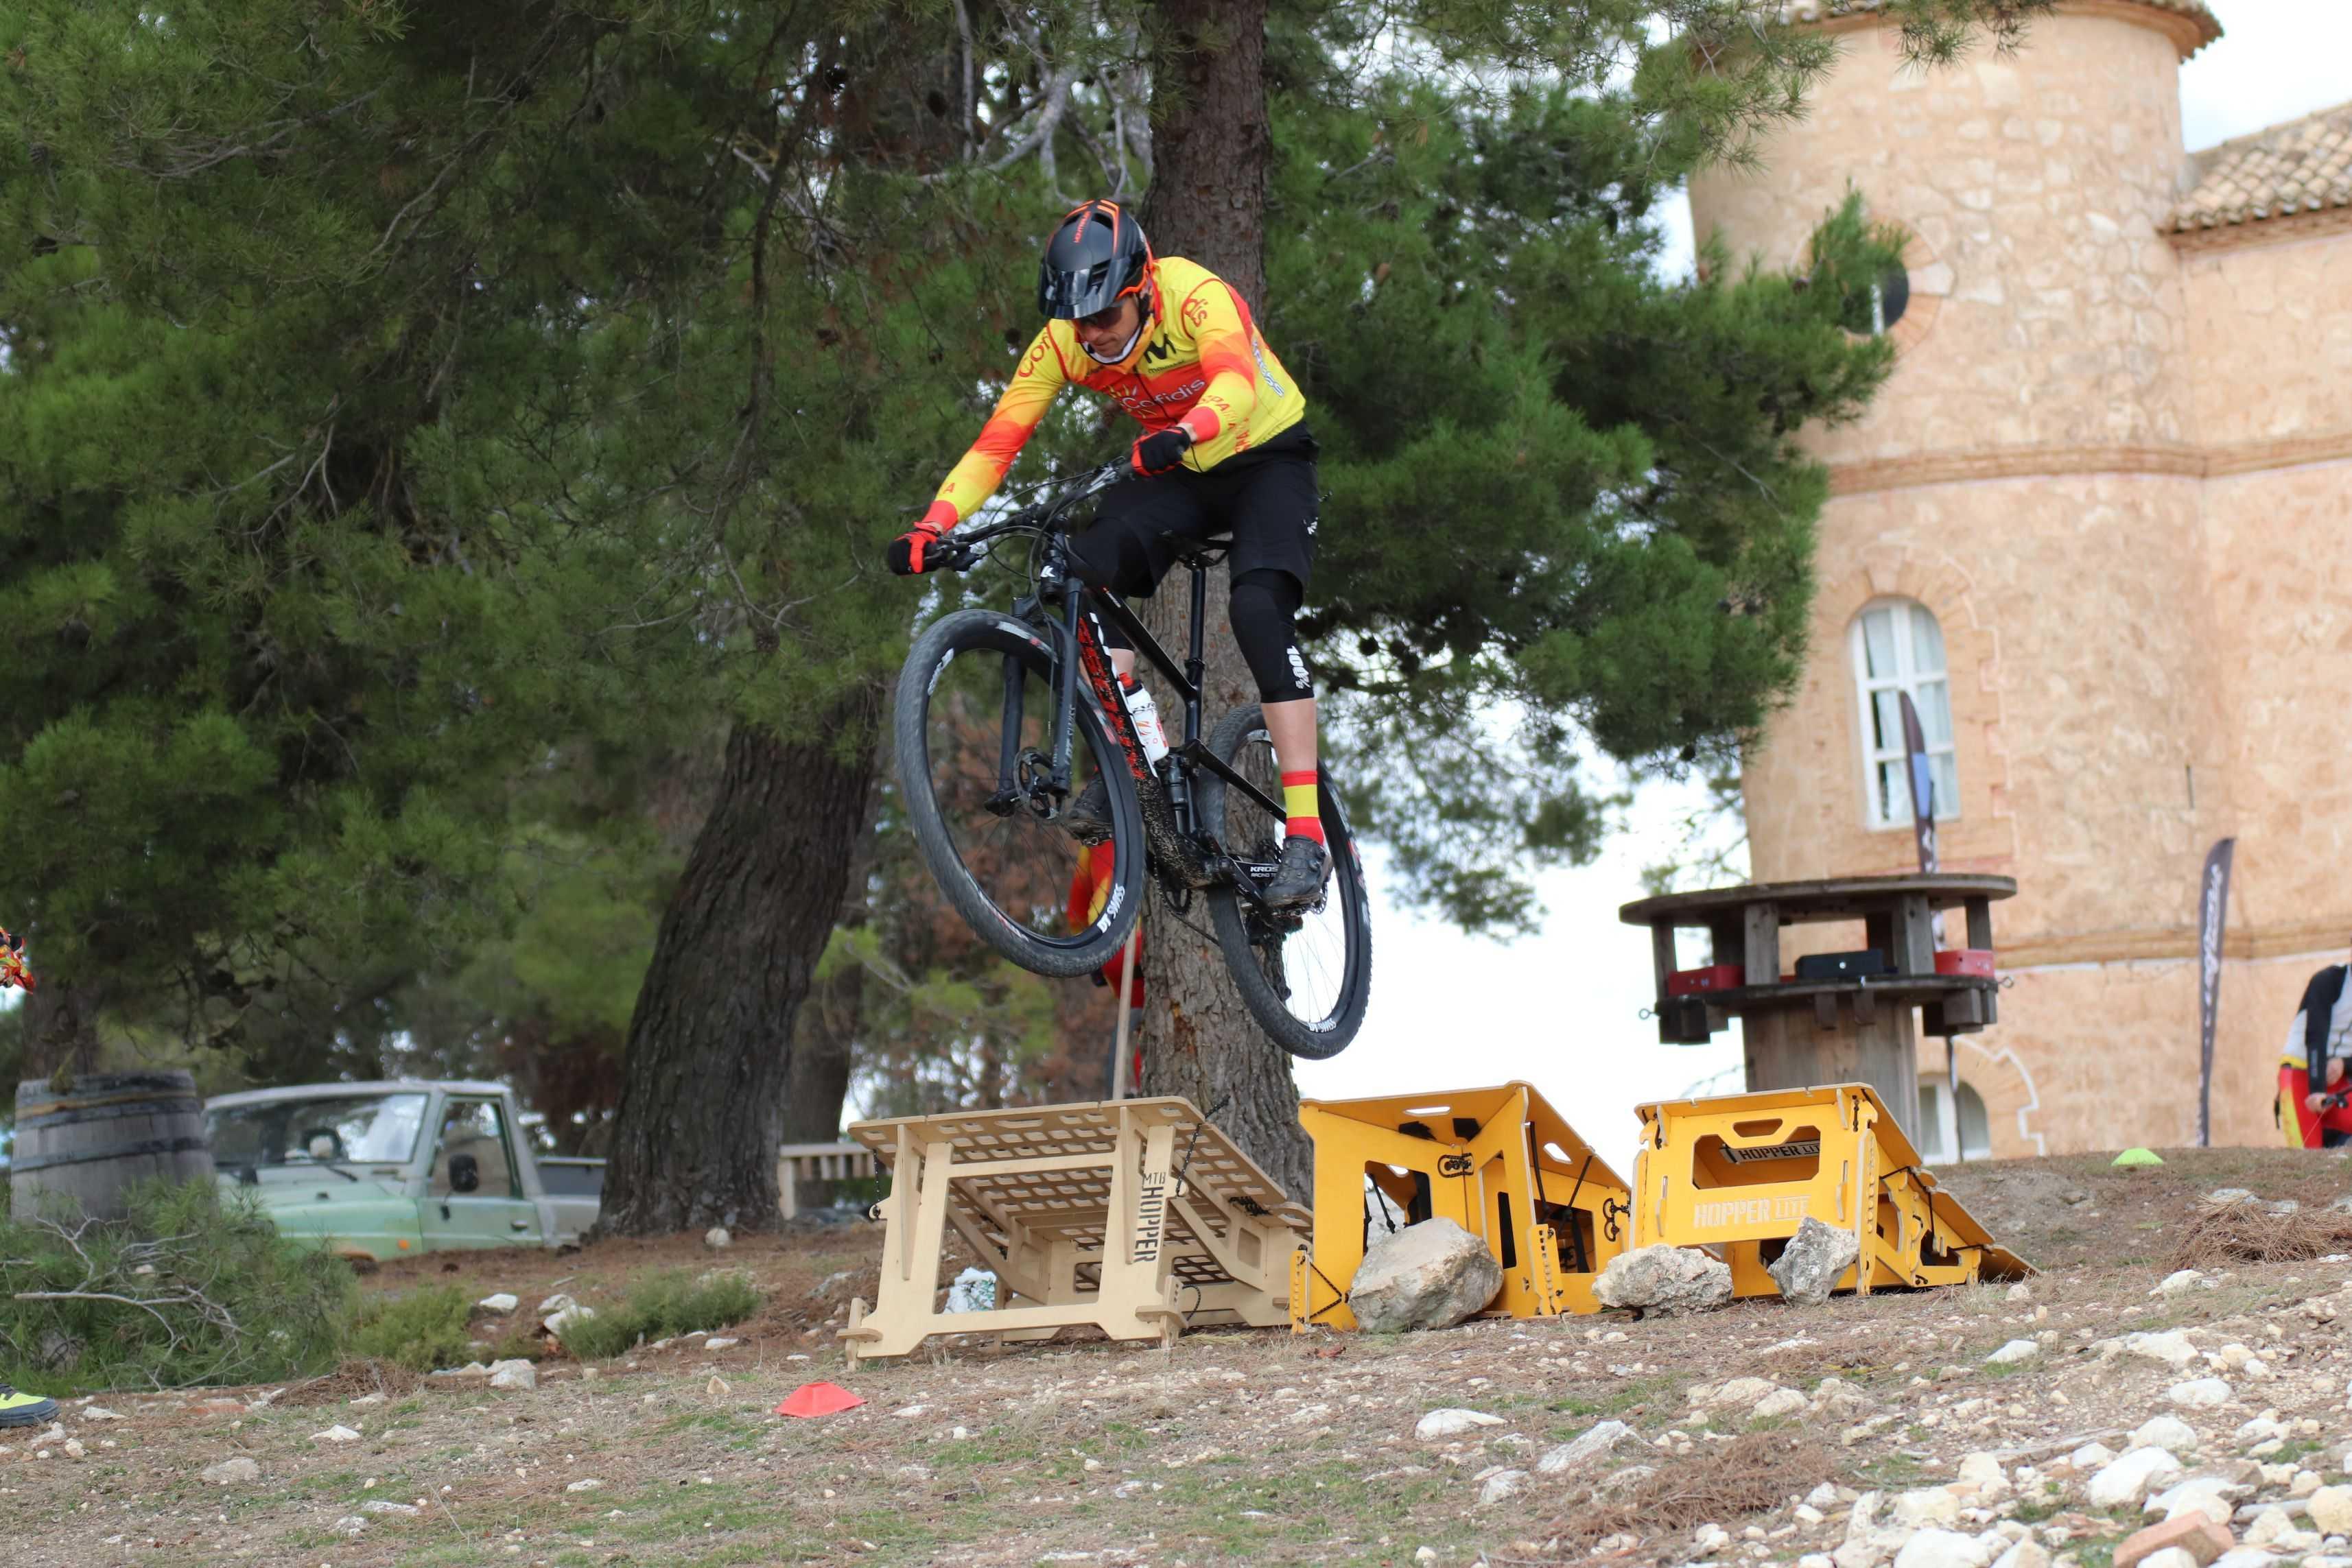 Alto Rendimiento y Tecnificación - BTT, Alicante, diciembre 2020